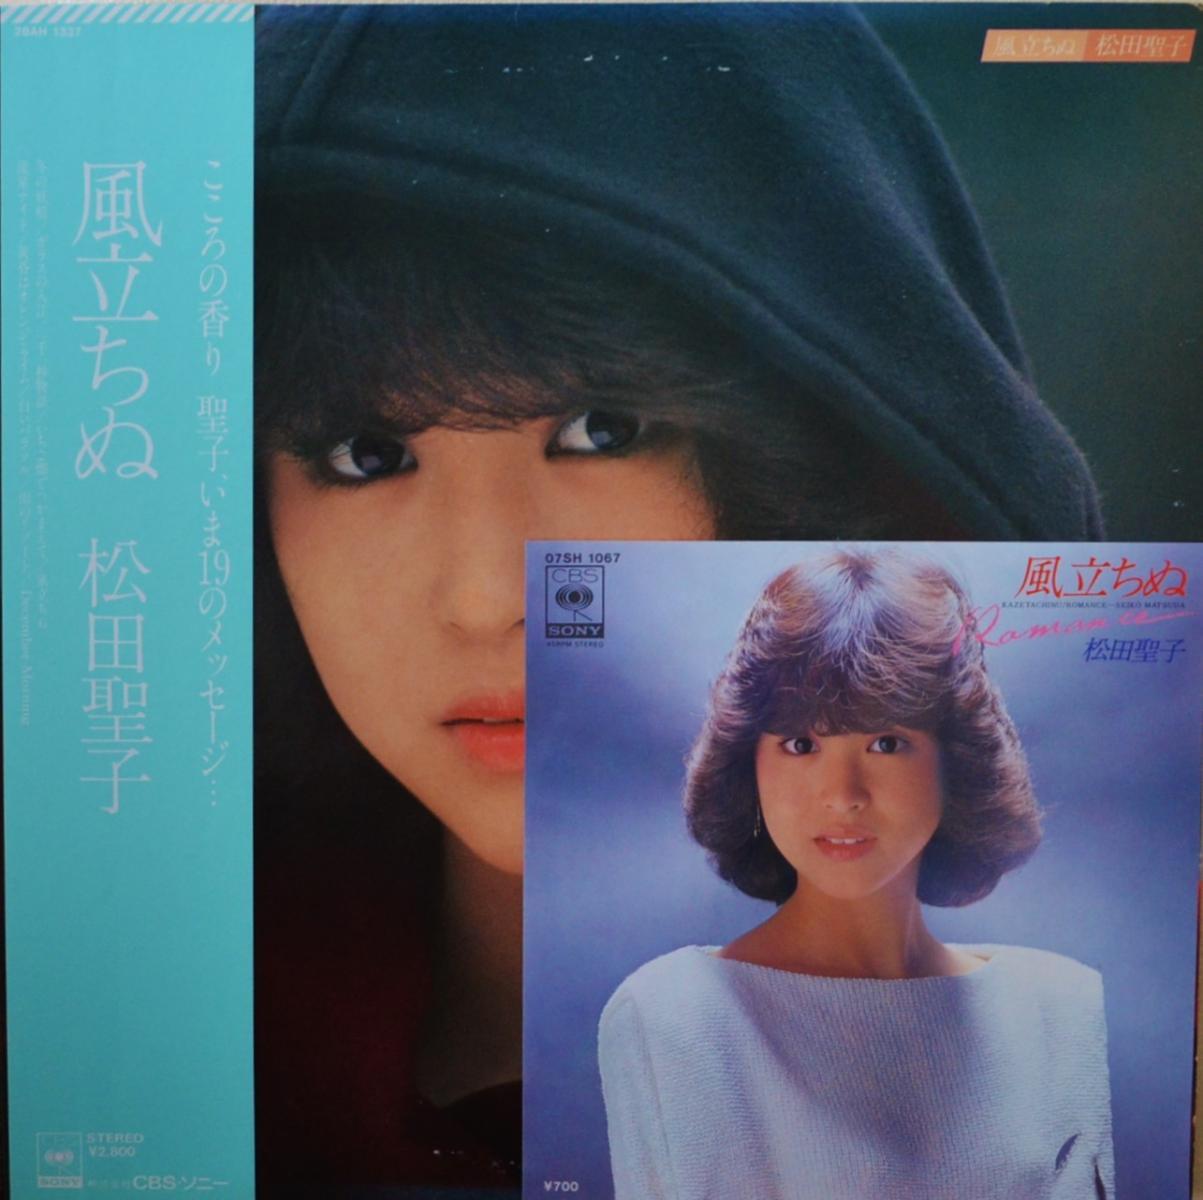 松田聖子 SEIKO MATSUDA / 風立ちぬ (大瀧詠一) (LP + 7